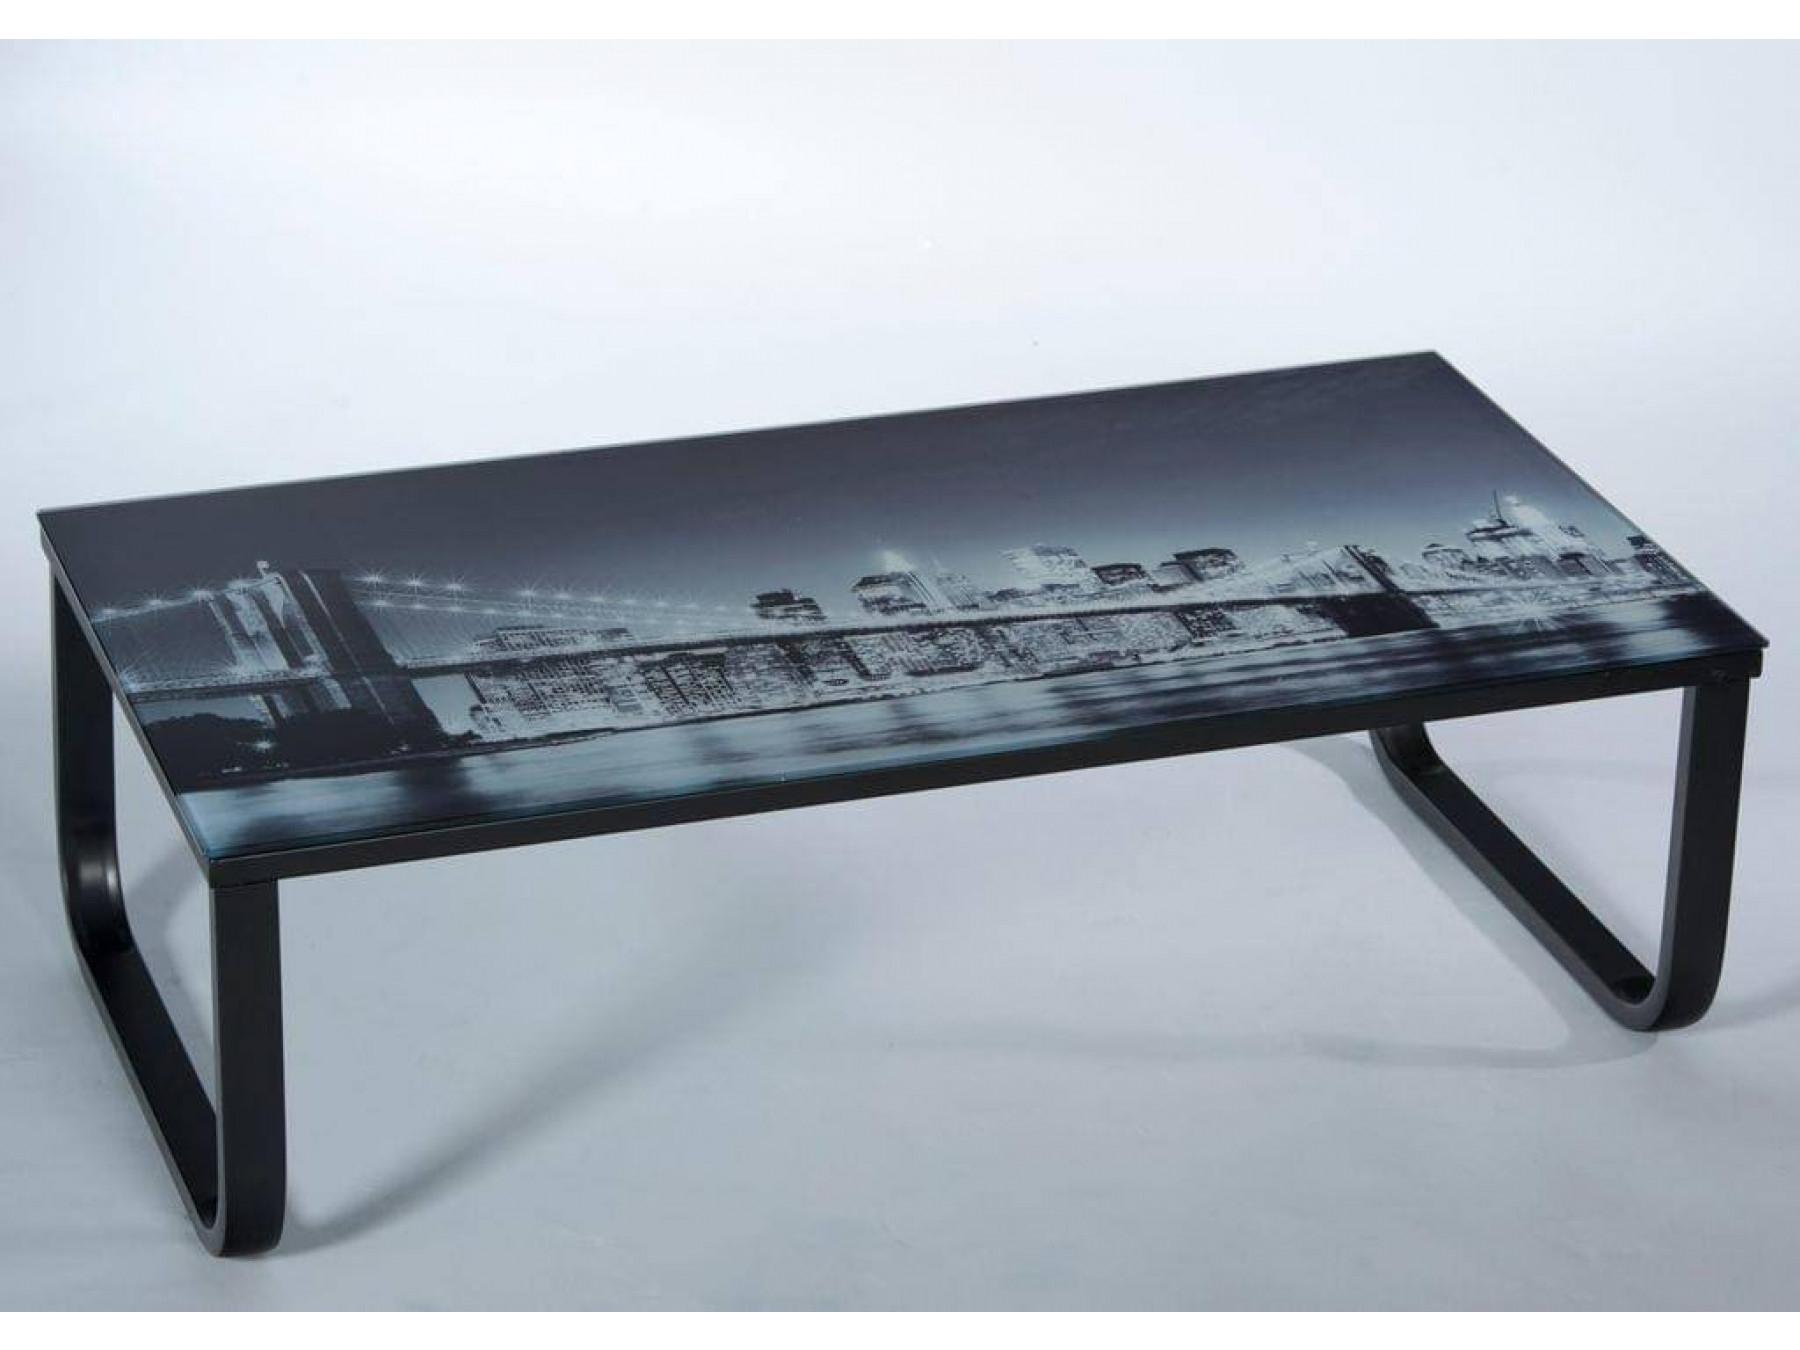 Stolkom Couchtisch/Wohnzimmertisch - Motiv Brücke aus Glas/Metall